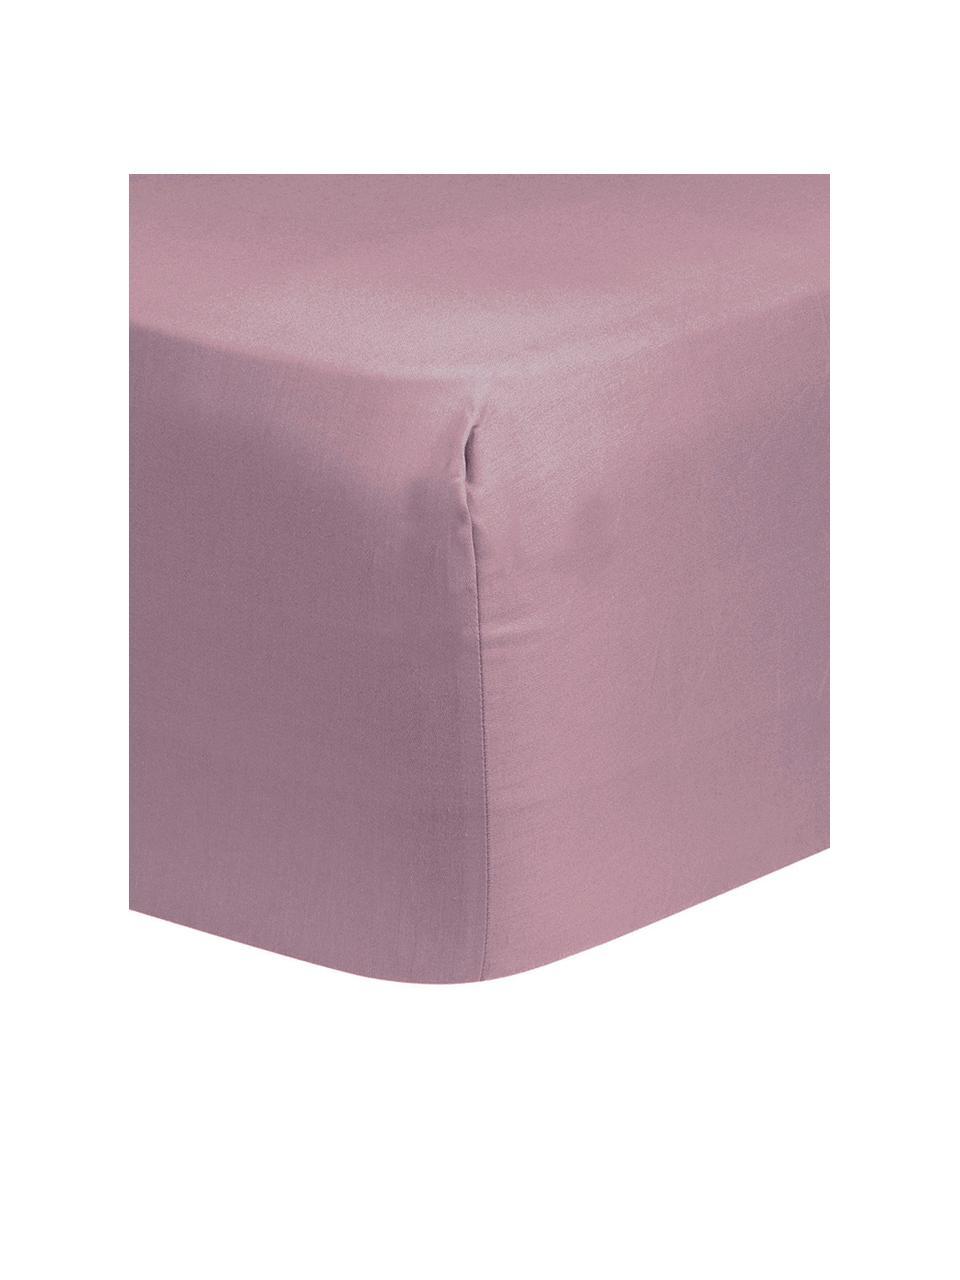 Spannbettlaken Comfort in Mauve, Baumwollsatin, Webart: Satin, leicht glänzend, Mauve, 180 x 200 cm